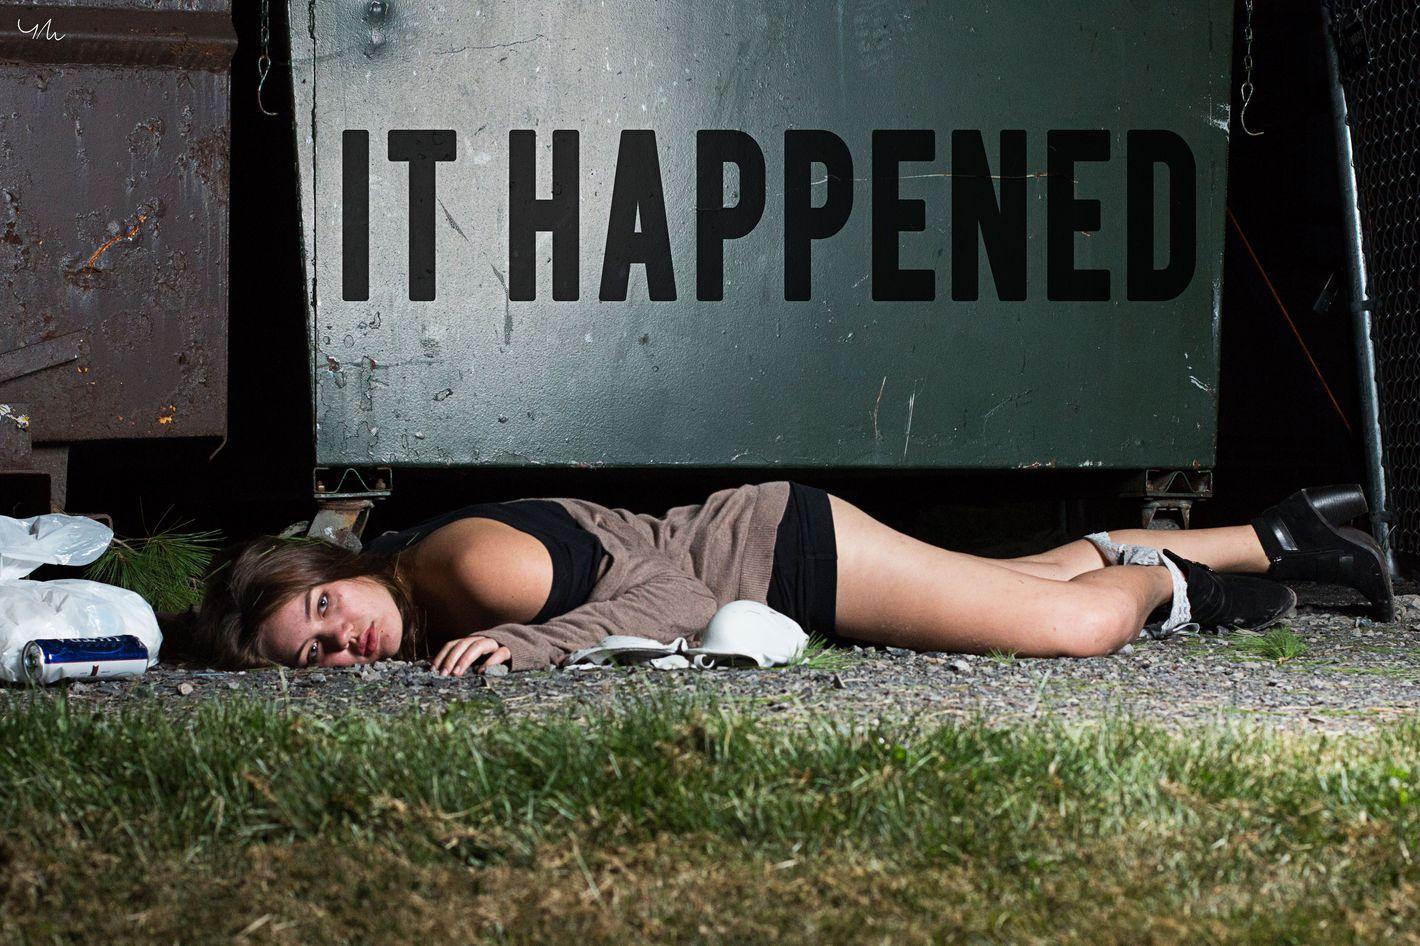 Так трахнули что потеряла сознание онлайн, Оргазм До потери сознания -видео. Смотреть 23 фотография